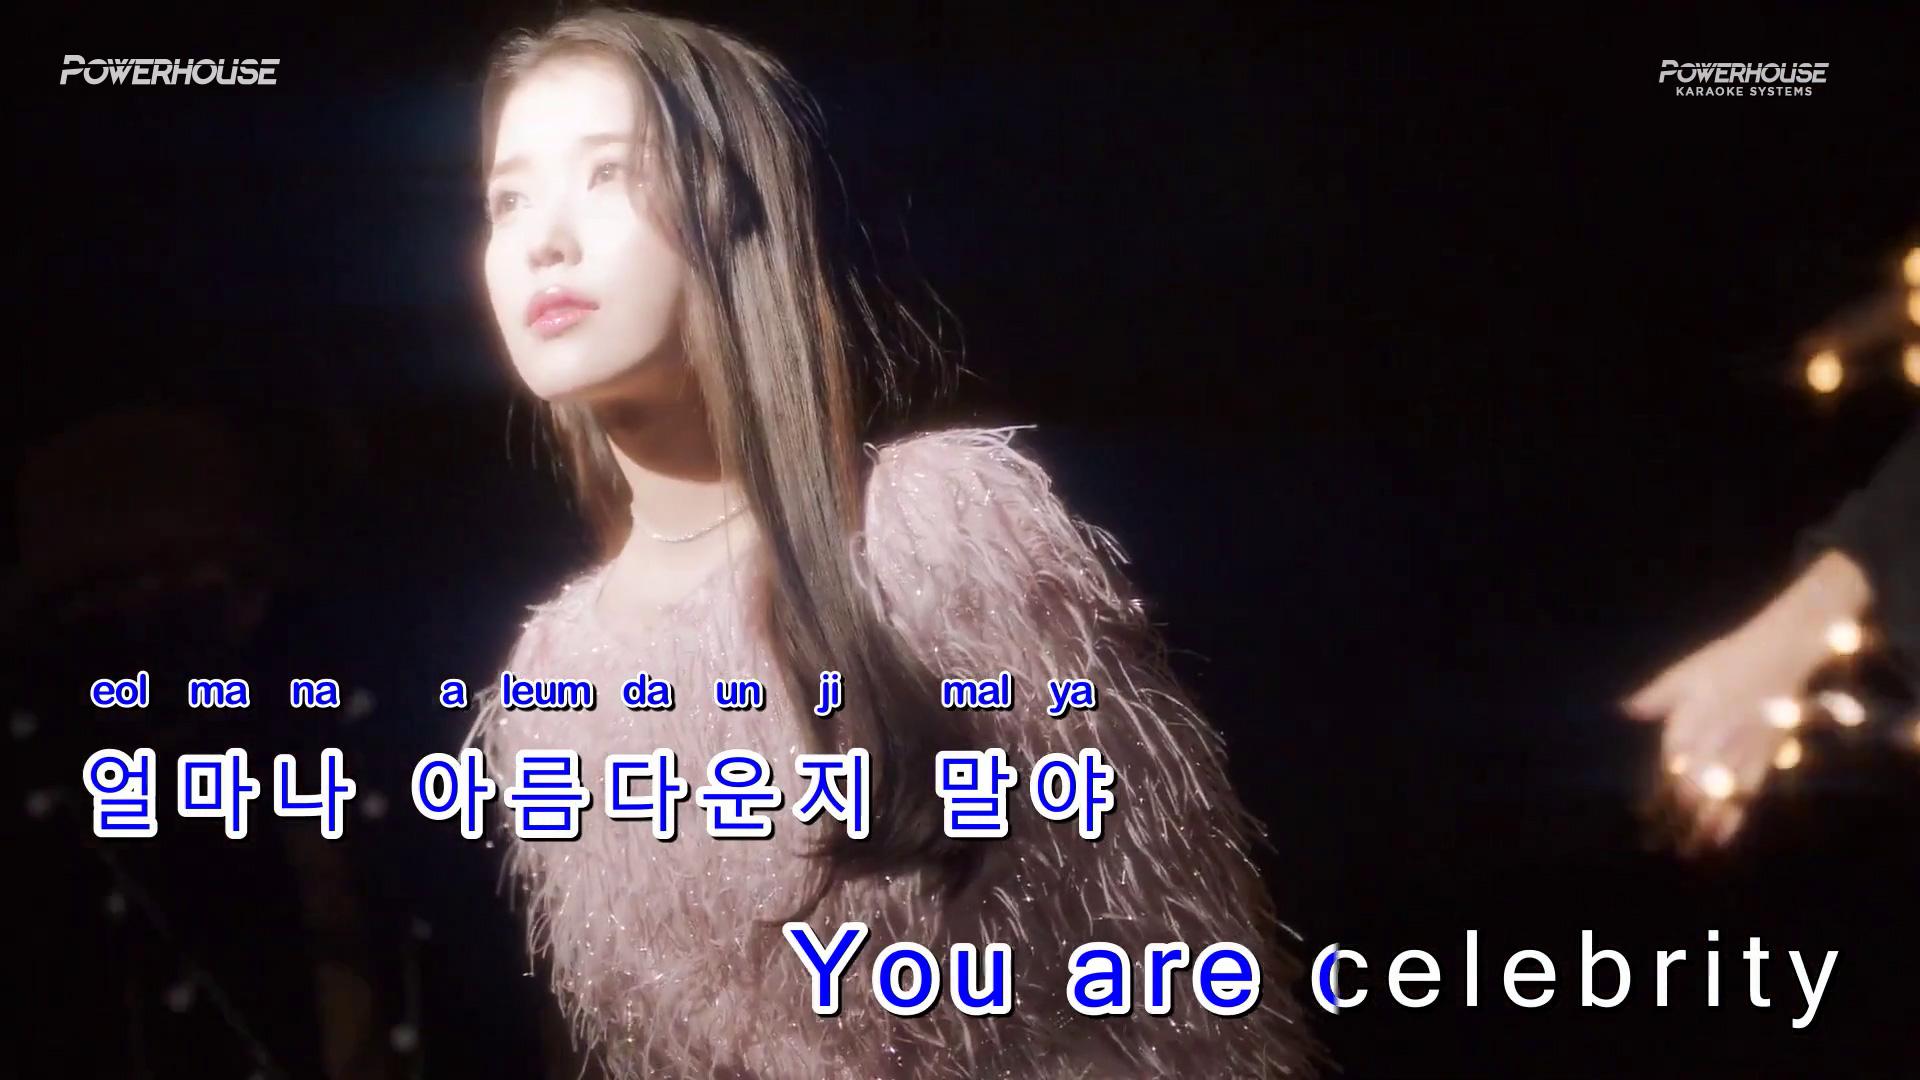 pinyin lyrics powerhouse karaoke